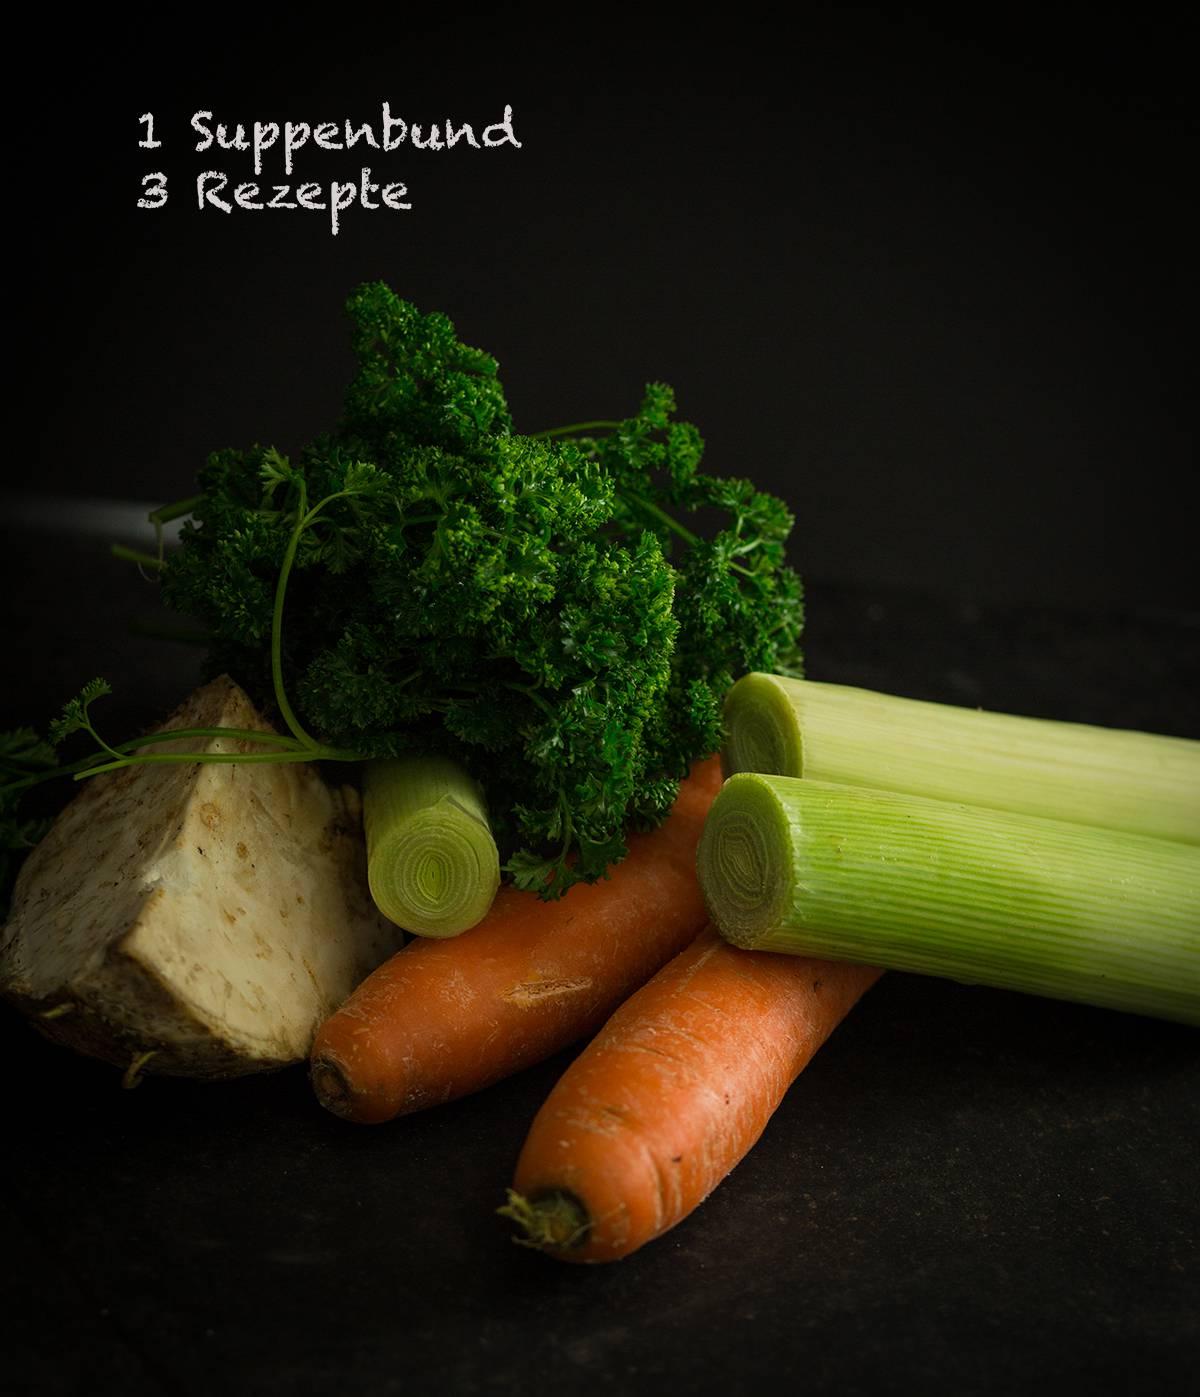 Suppenbund